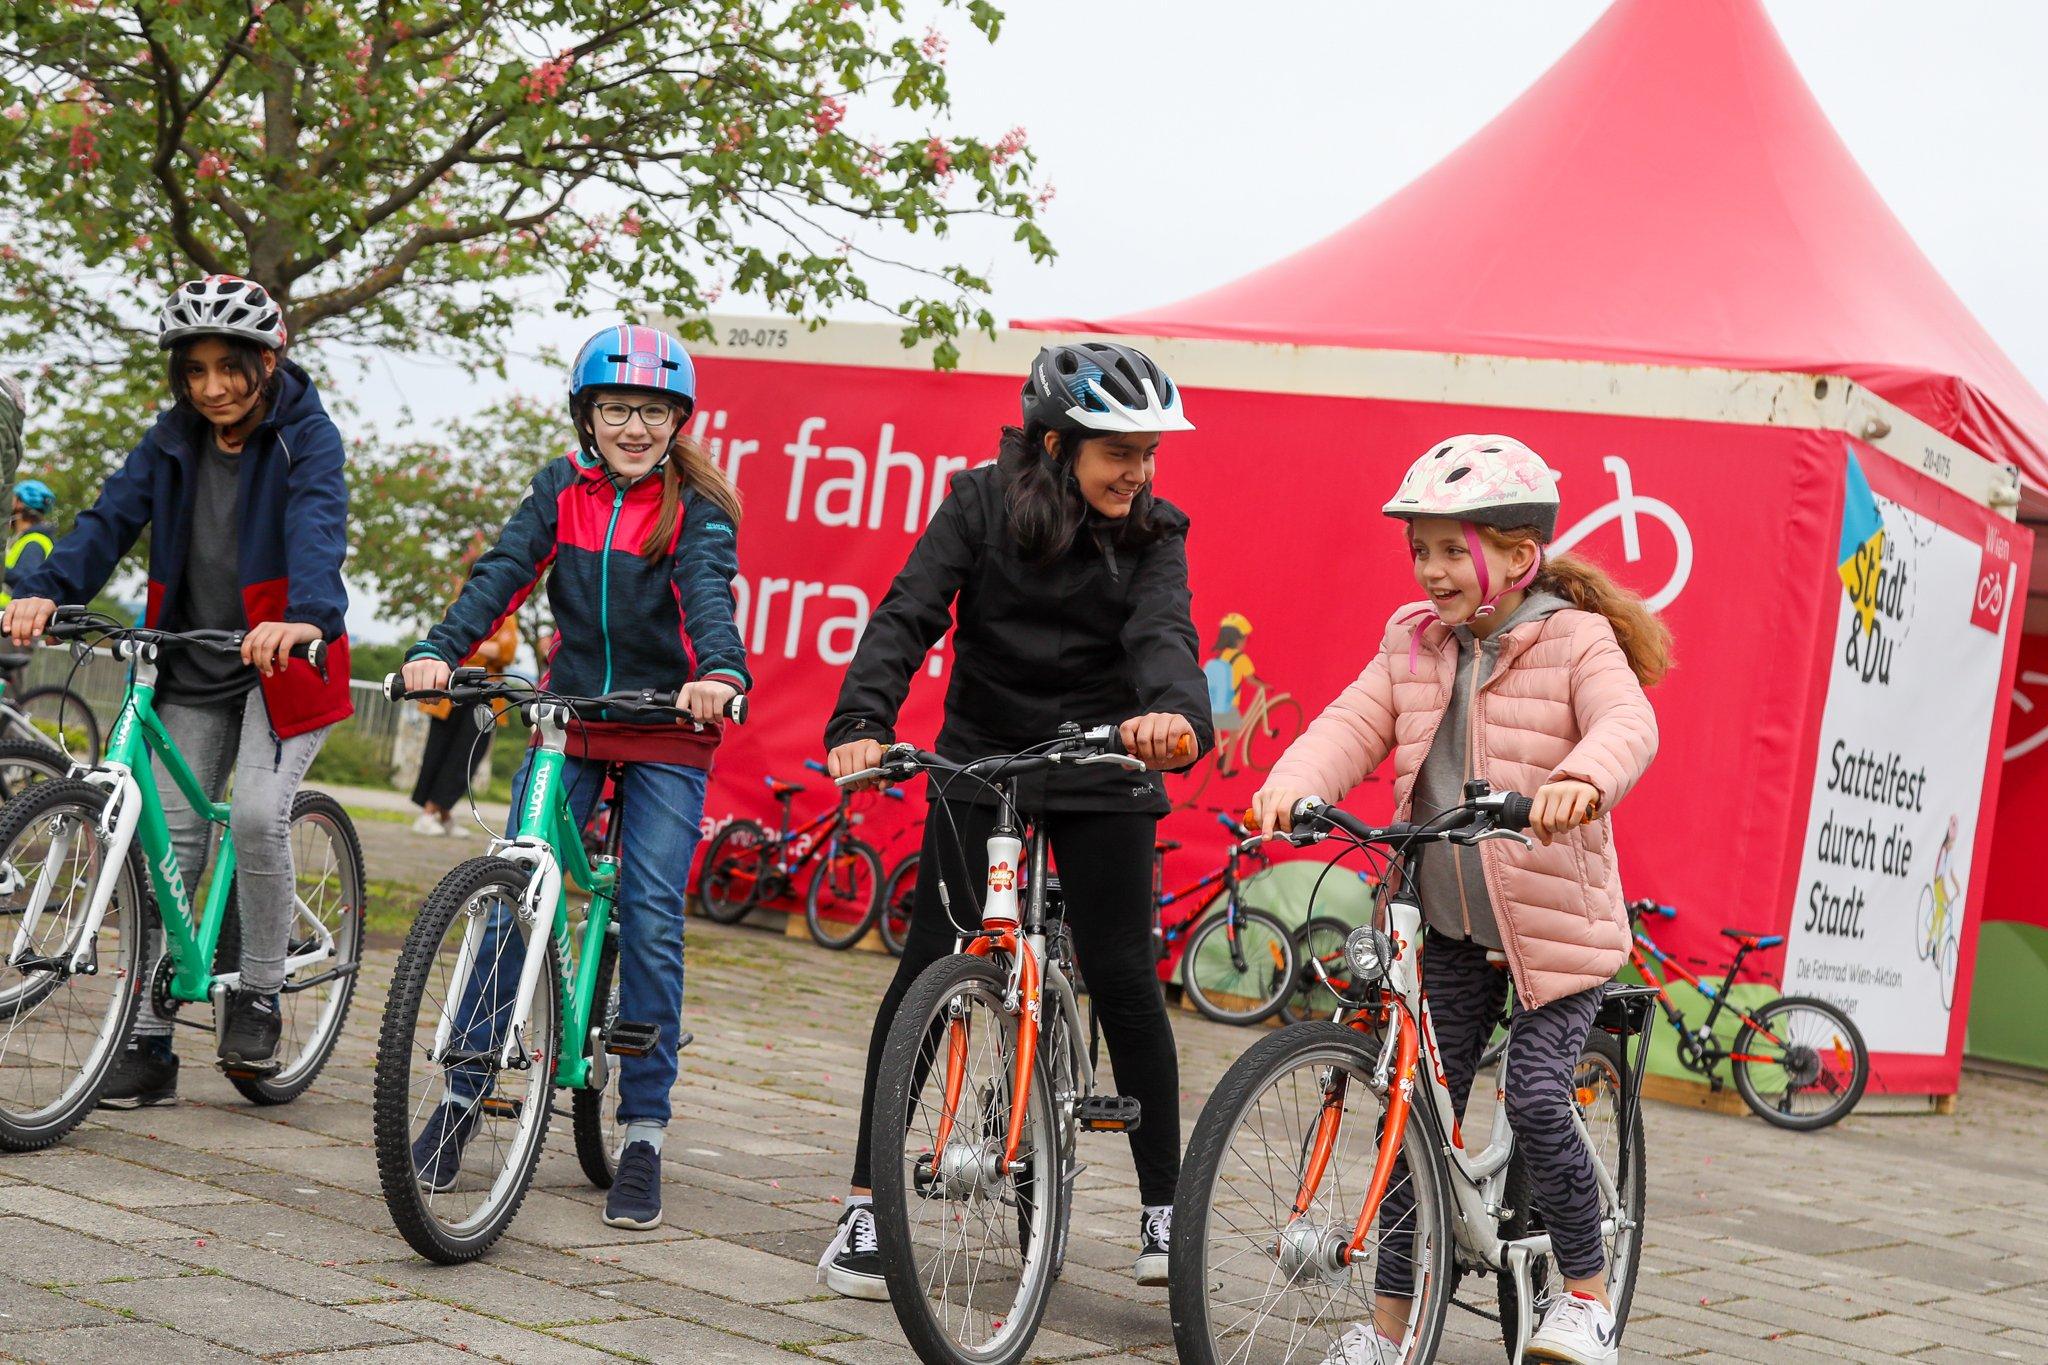 Vier lachende Kinder beim Radfahrkurs (© Christian Fürhtner/PID)